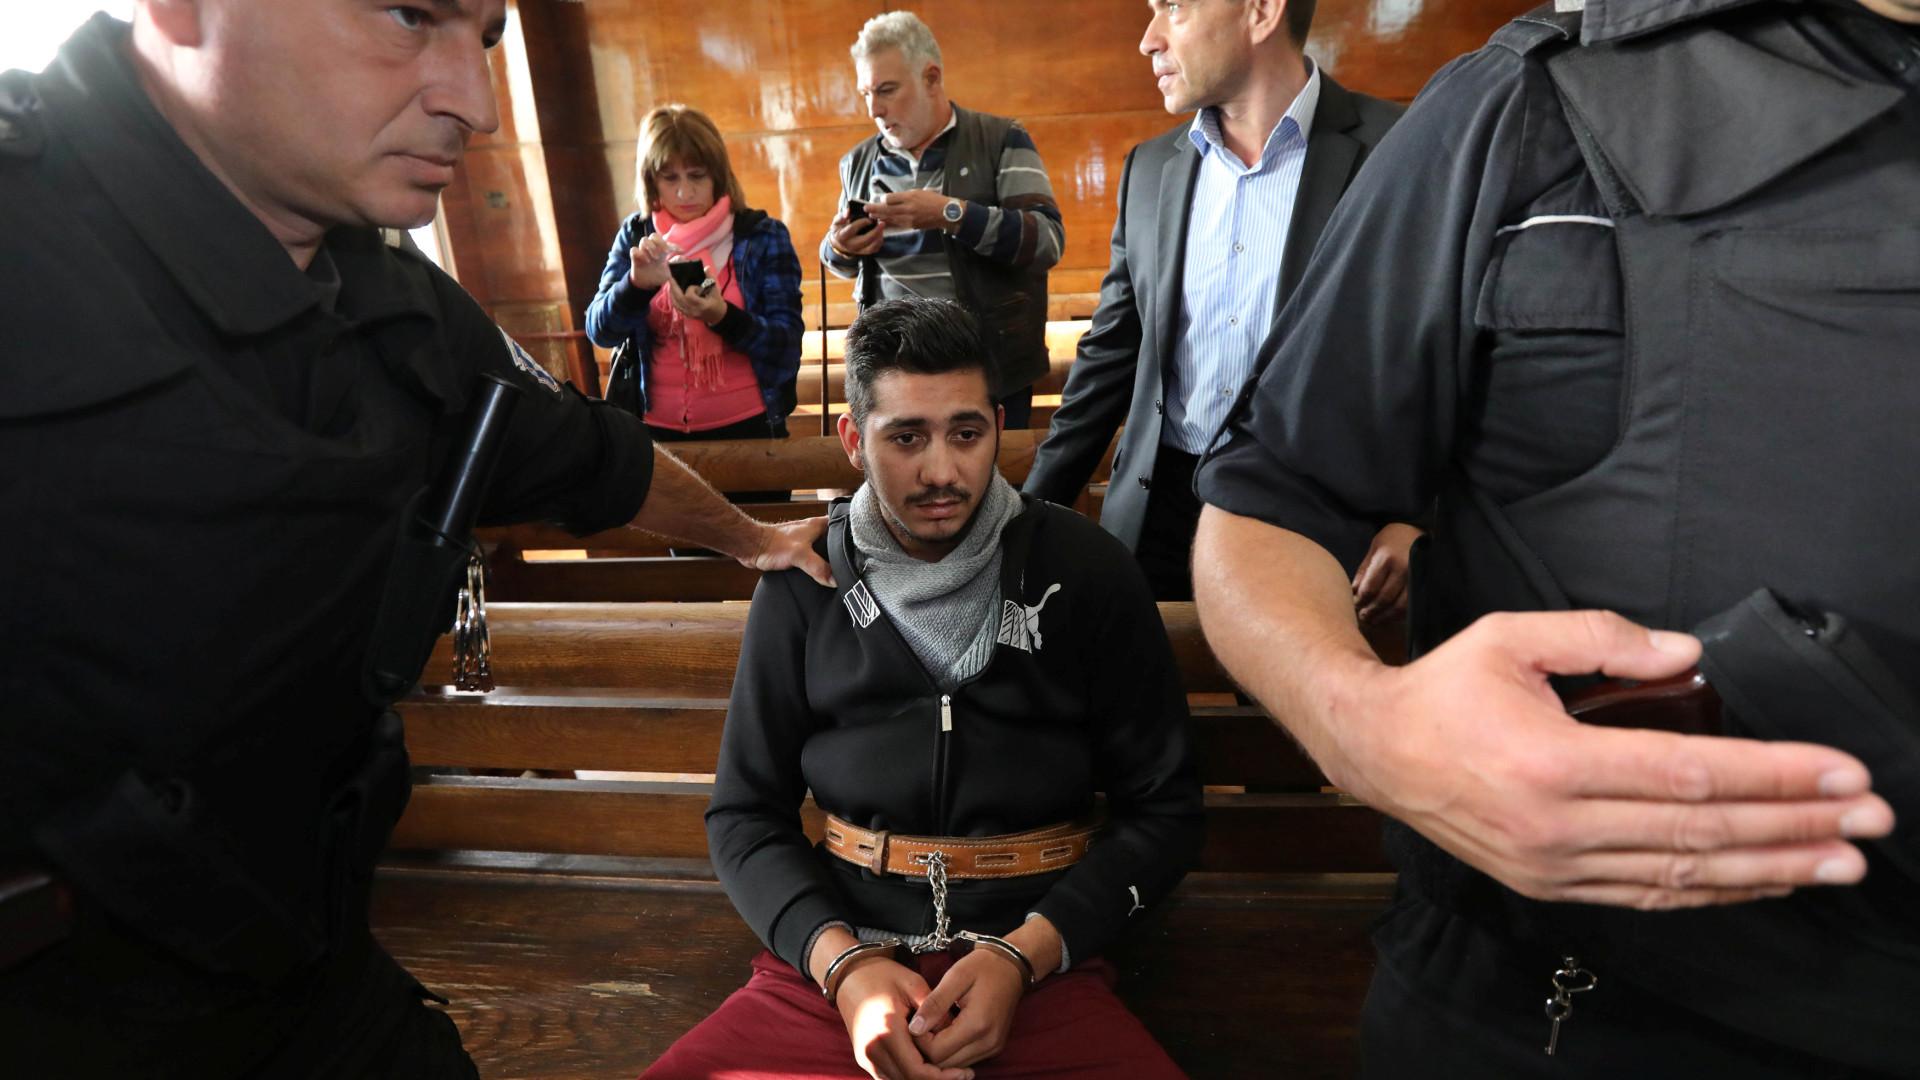 Suspeito de matar jornalista búlgara admite ter cometido o crime